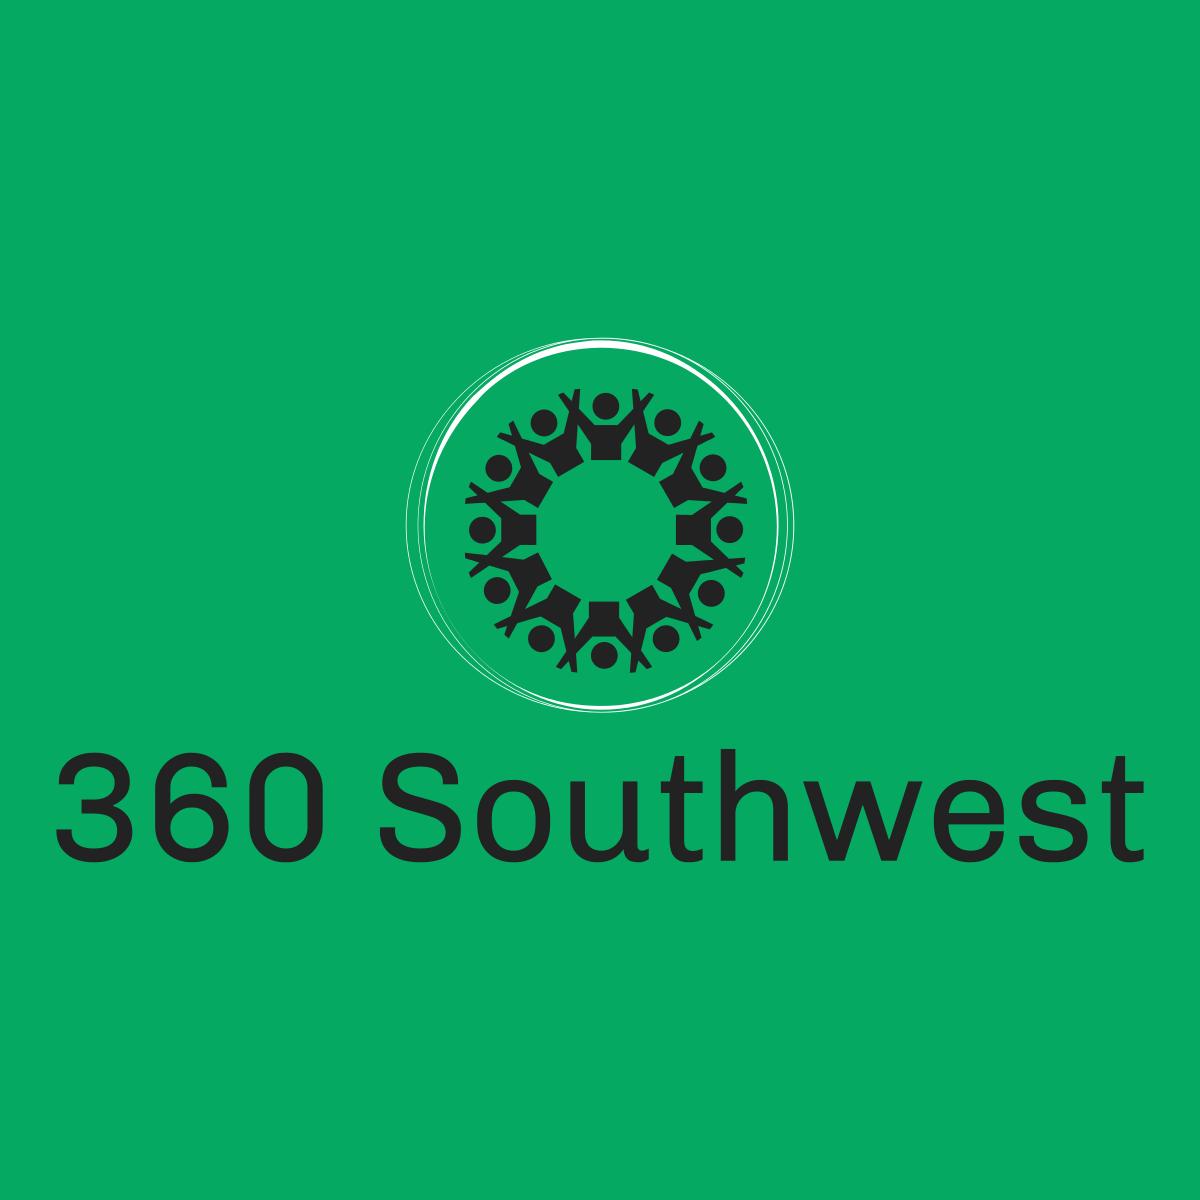 360 Southwest